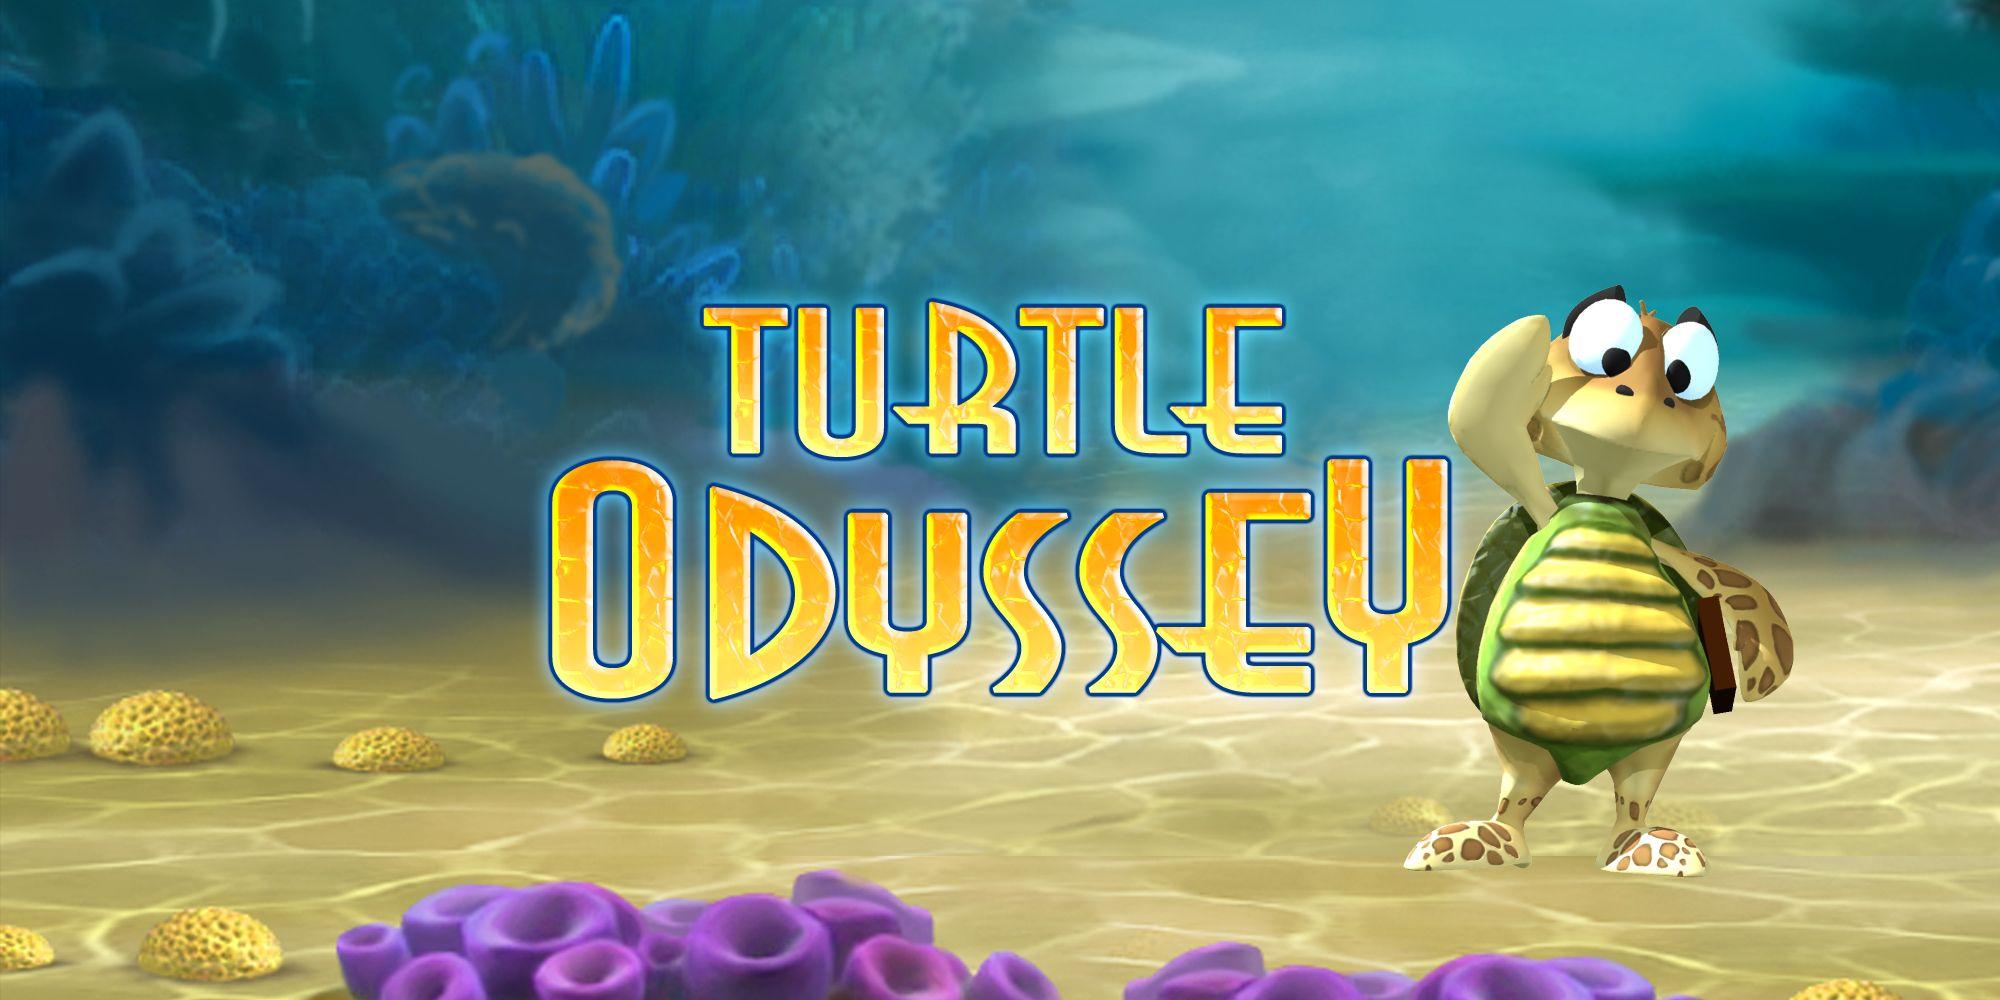 Turtle odyssey 3. turtle odyssey 3 - kesmifmonline.com